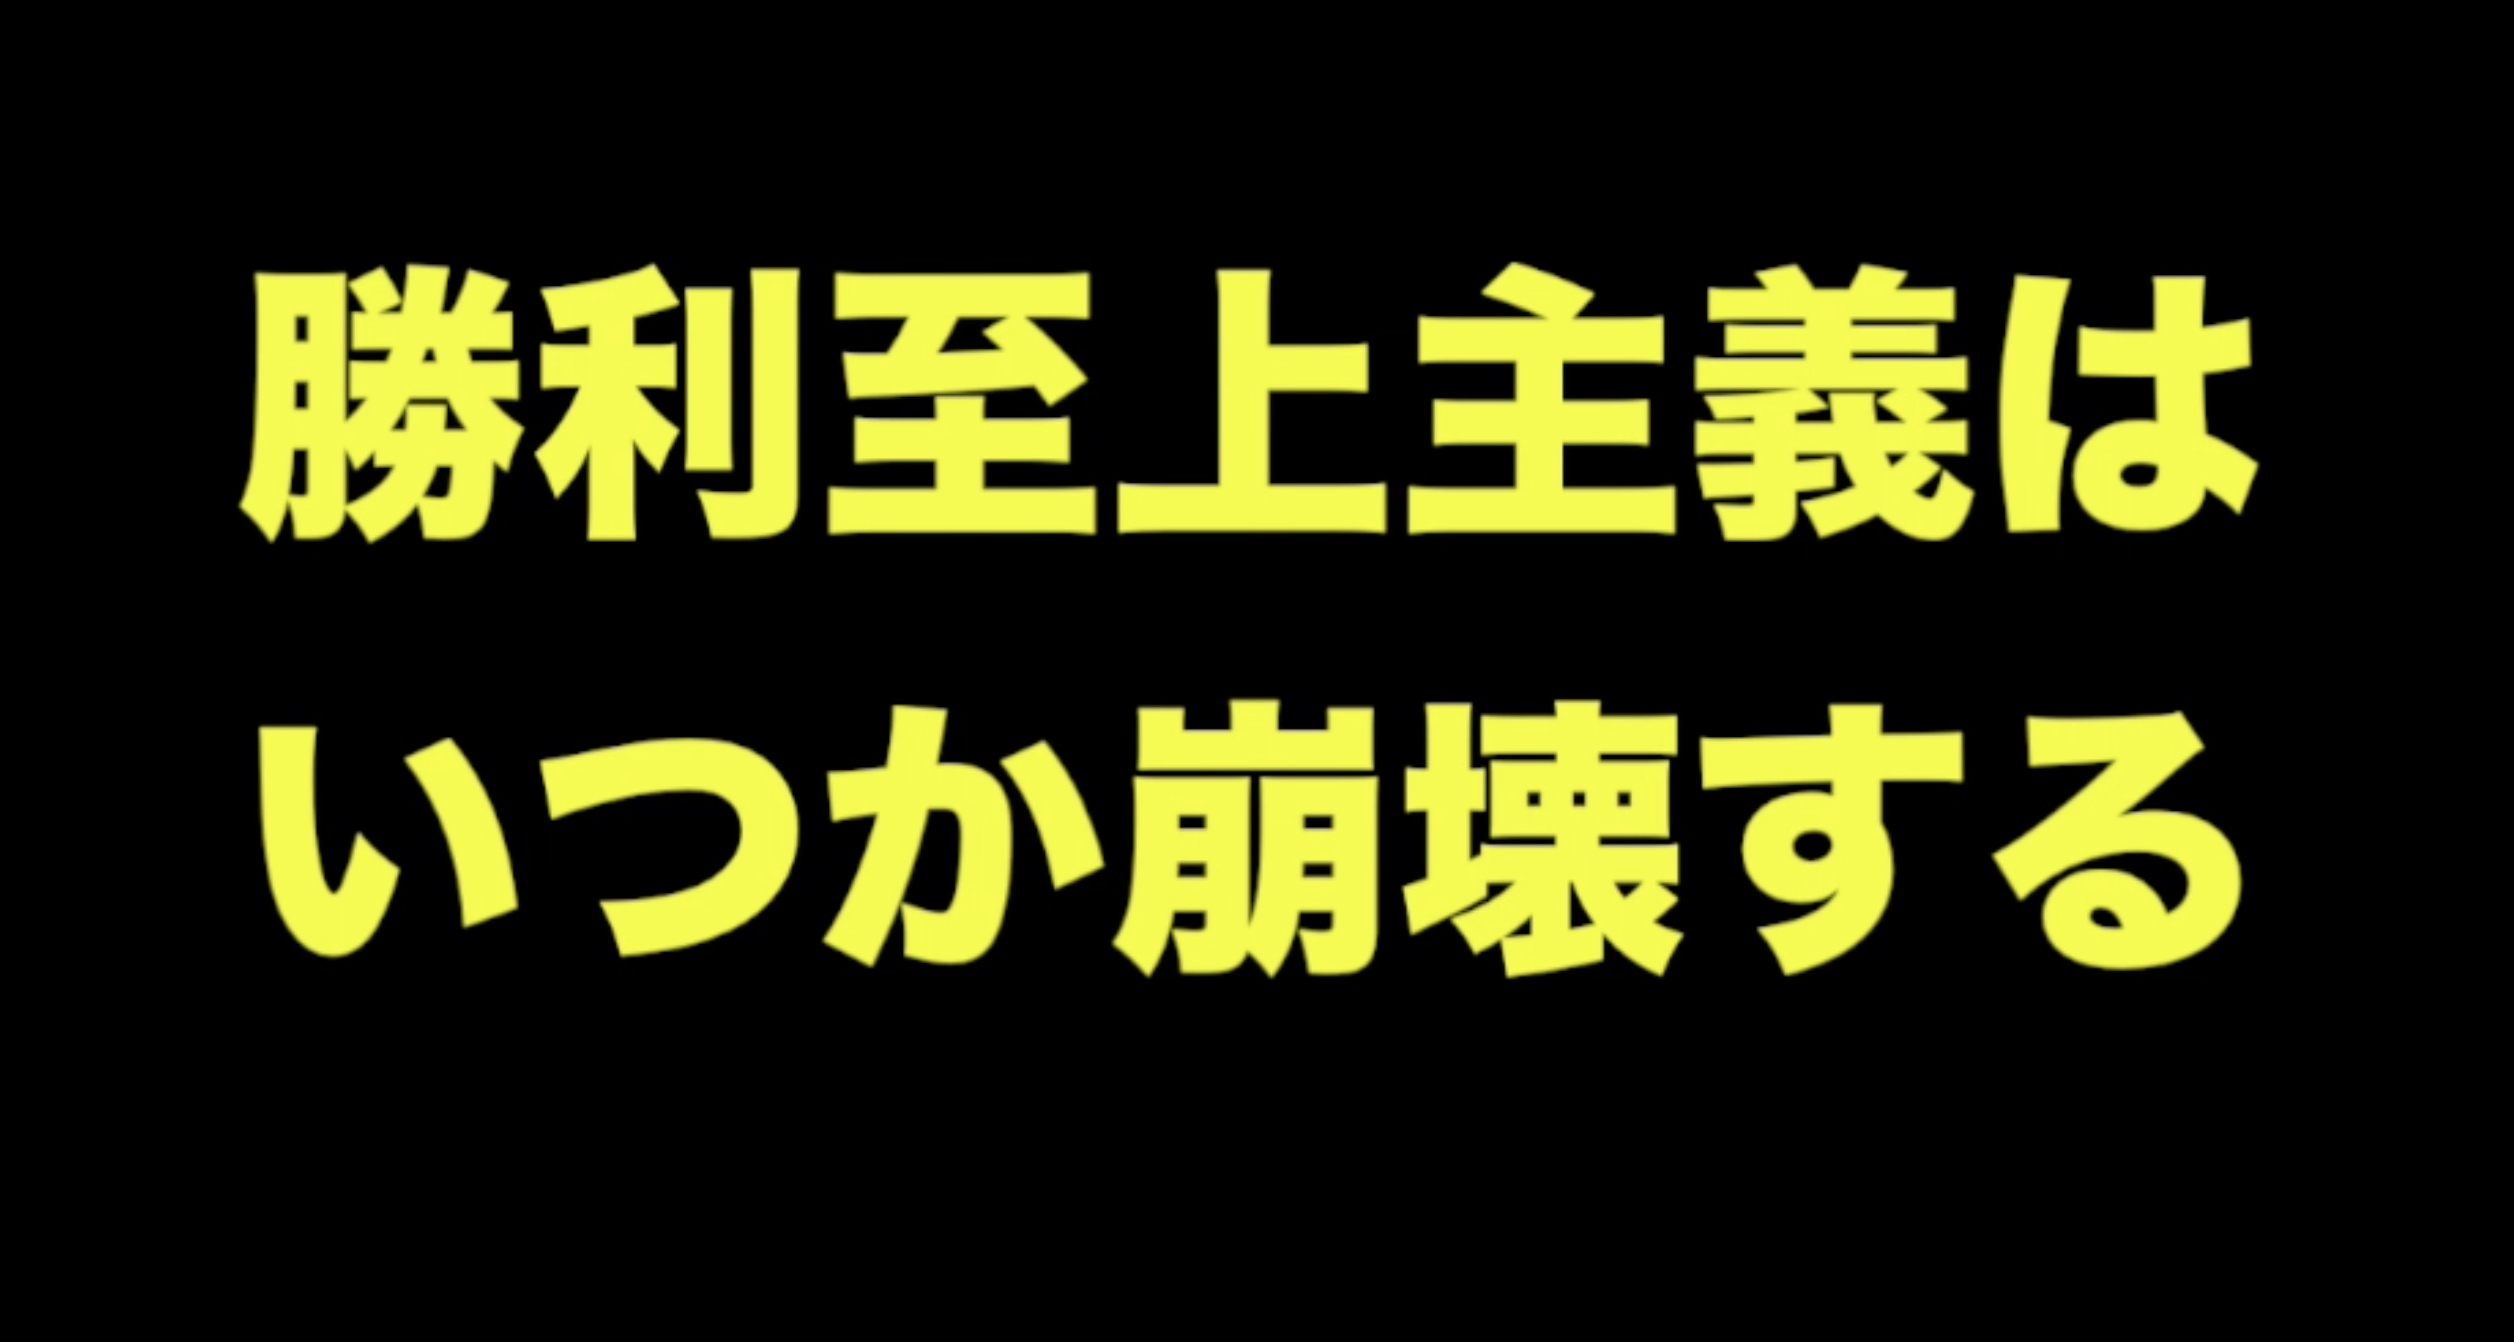 第2905話・・・バレー塾 福島シリーズ_c0000970_11164687.jpg